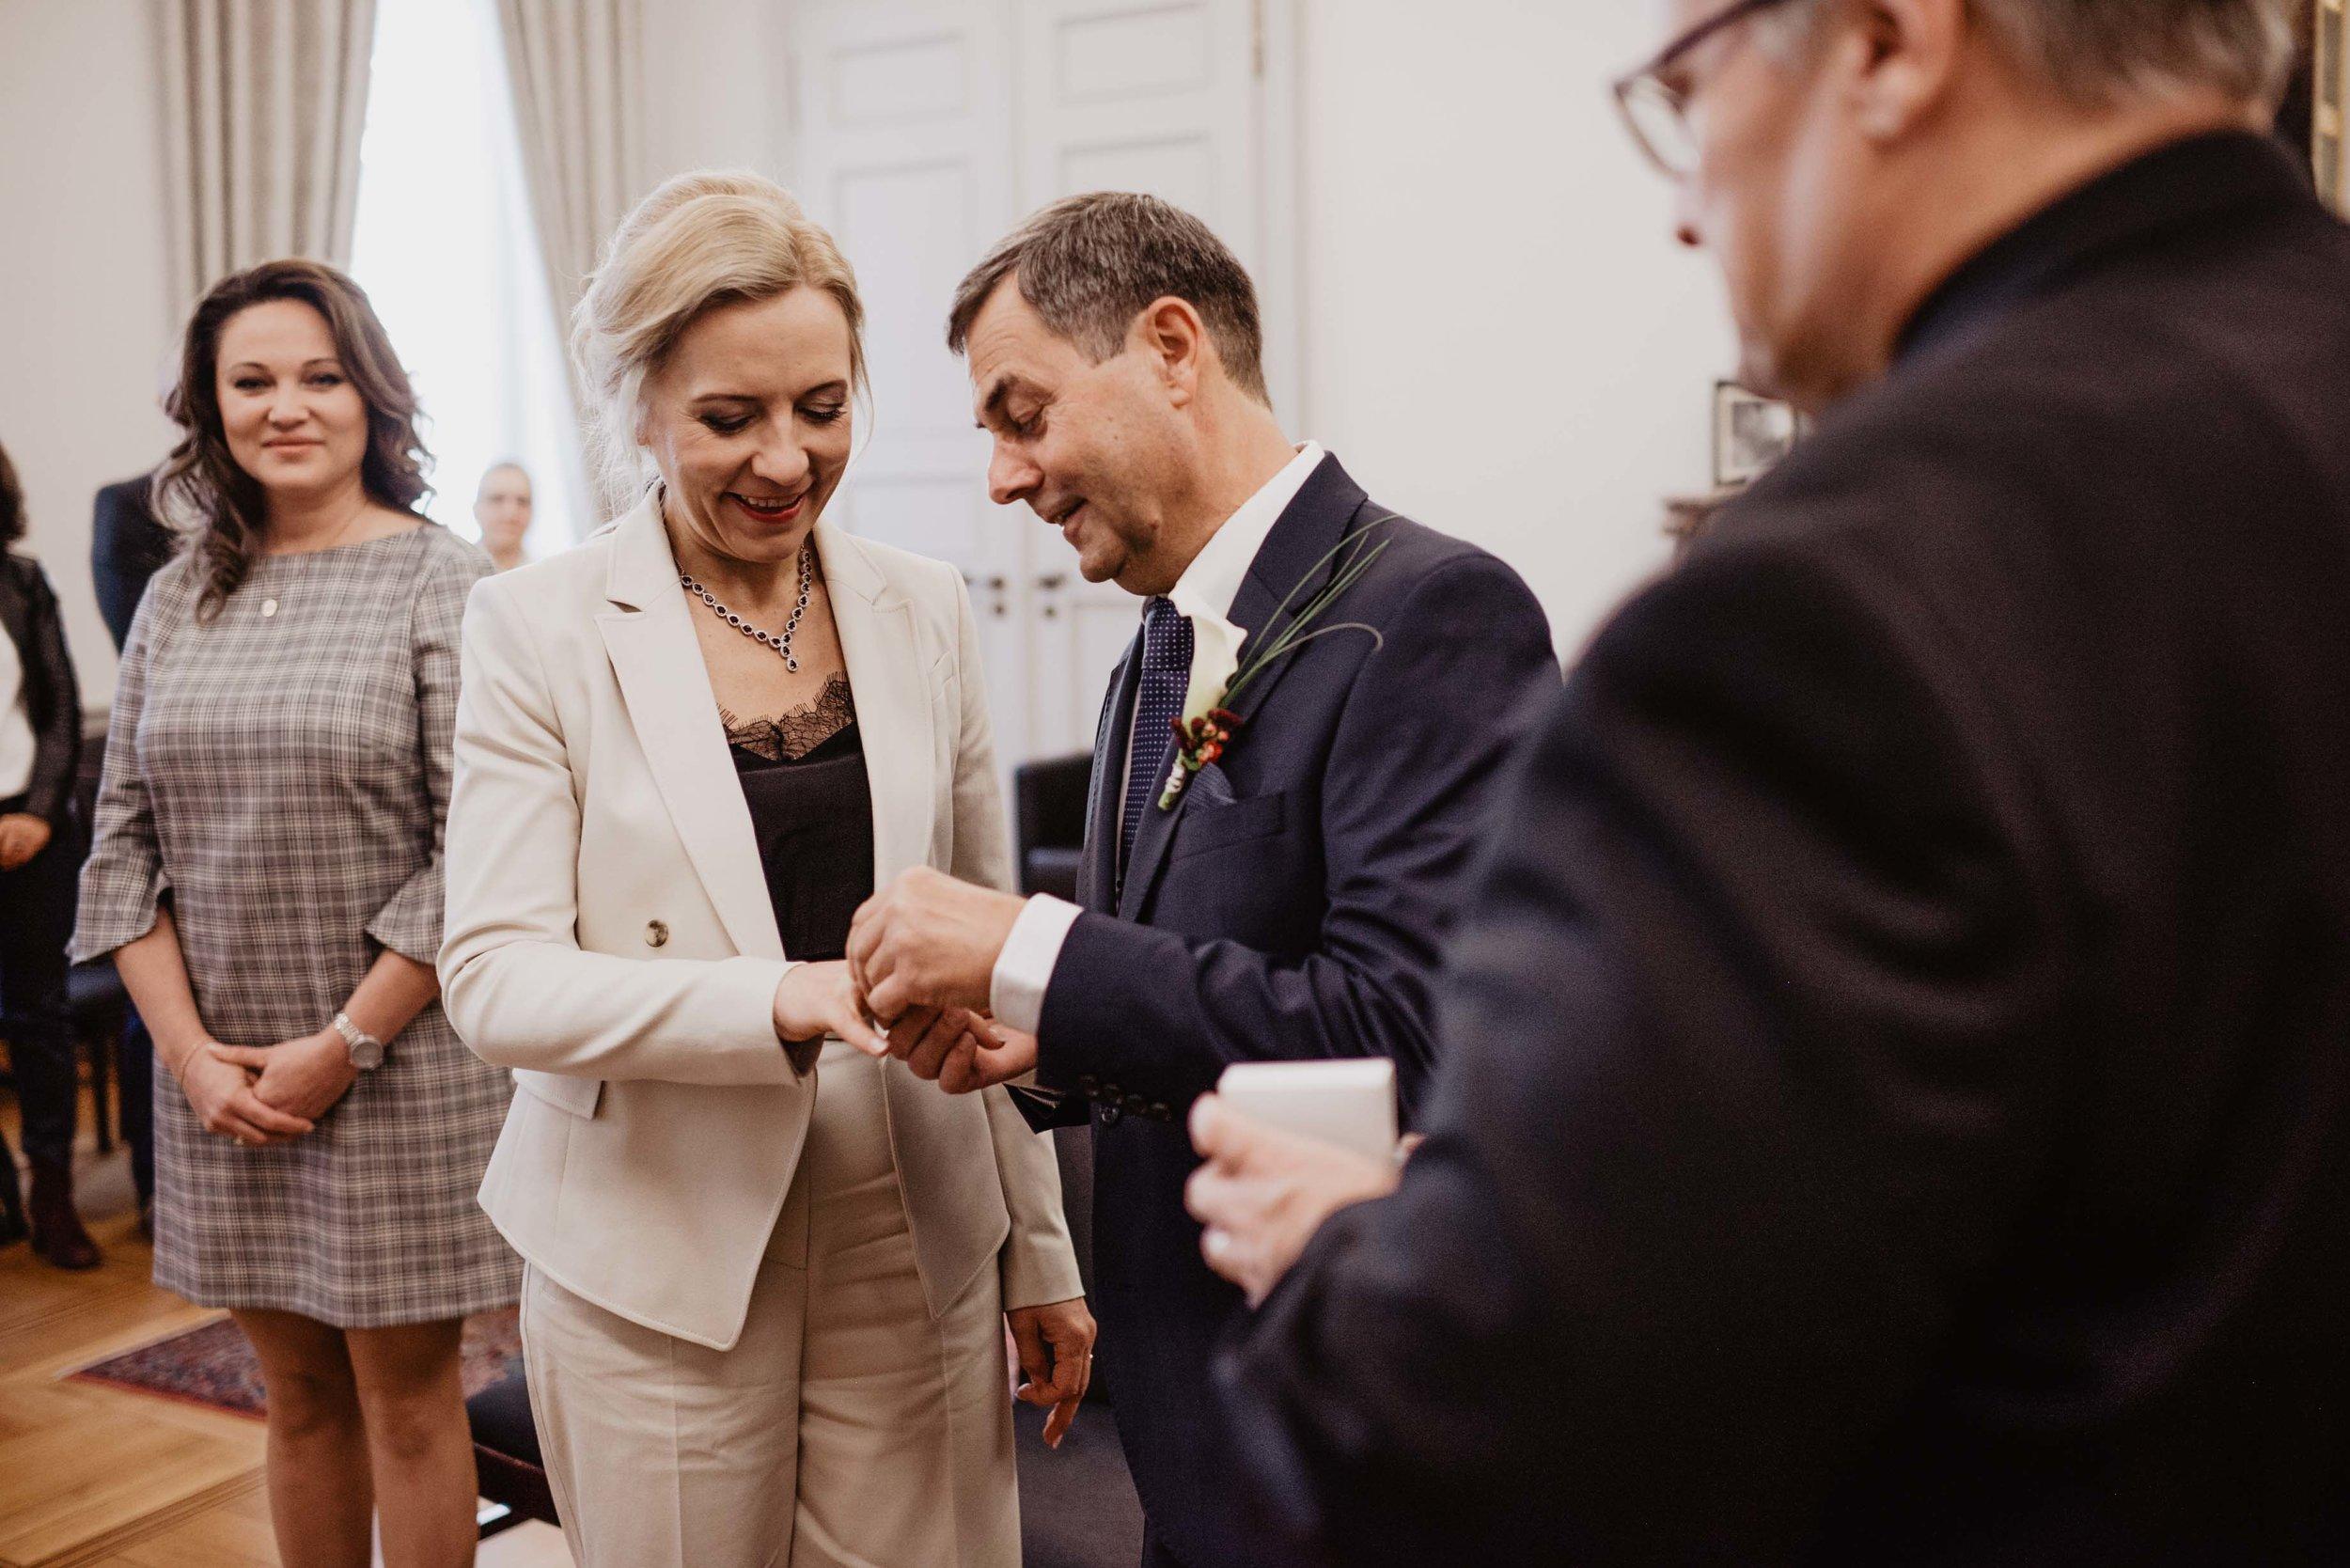 Hochzeit Standesamt Bonn by Lucy Wedding Photography-43.jpg